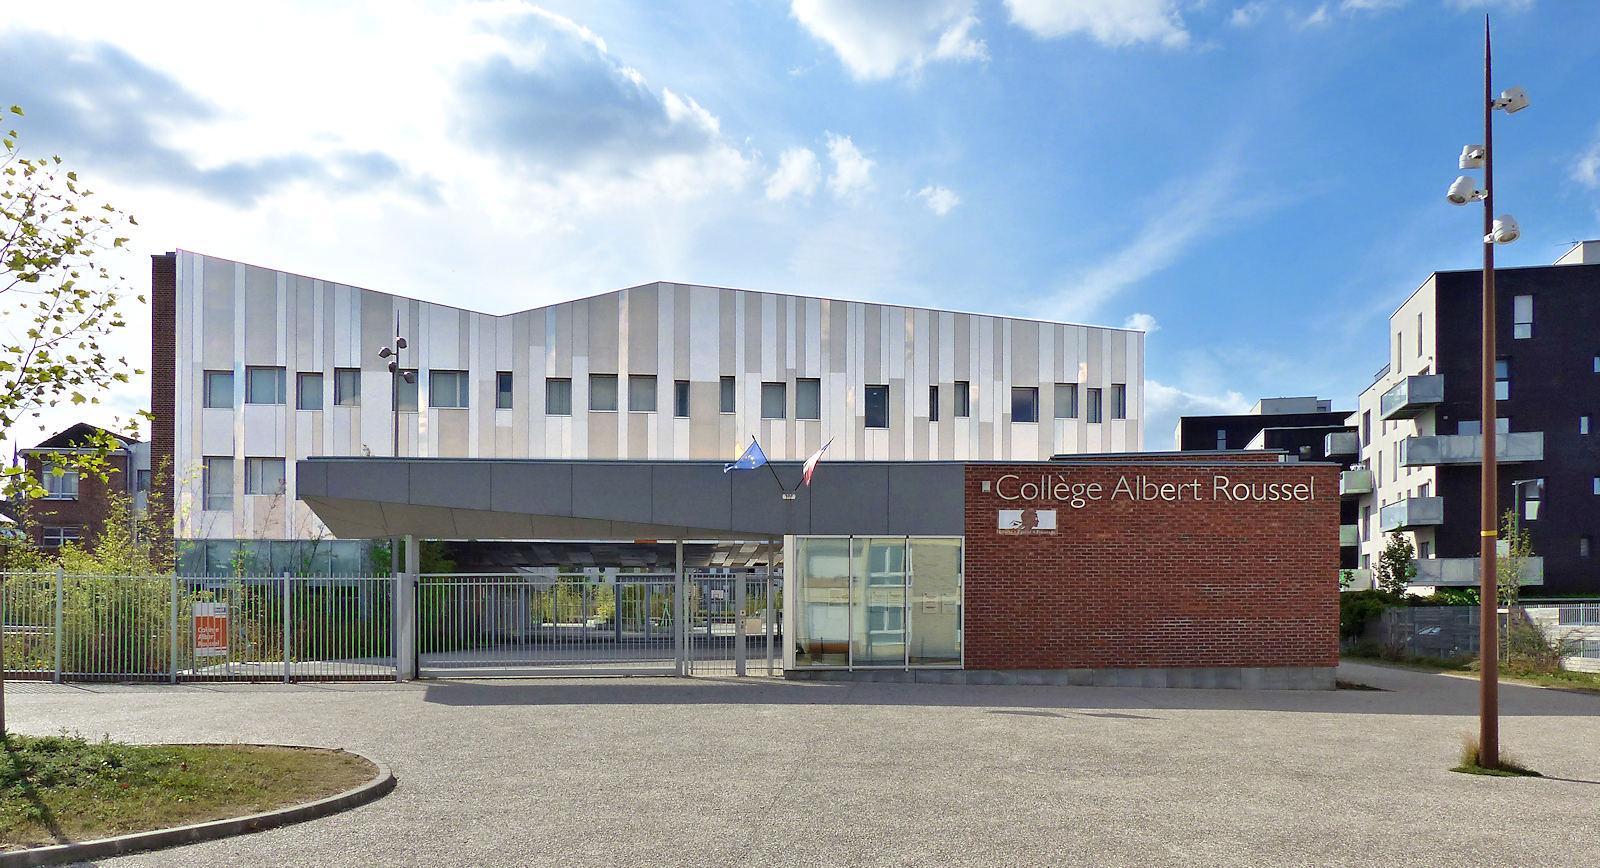 La façade et l'entrée du Collège